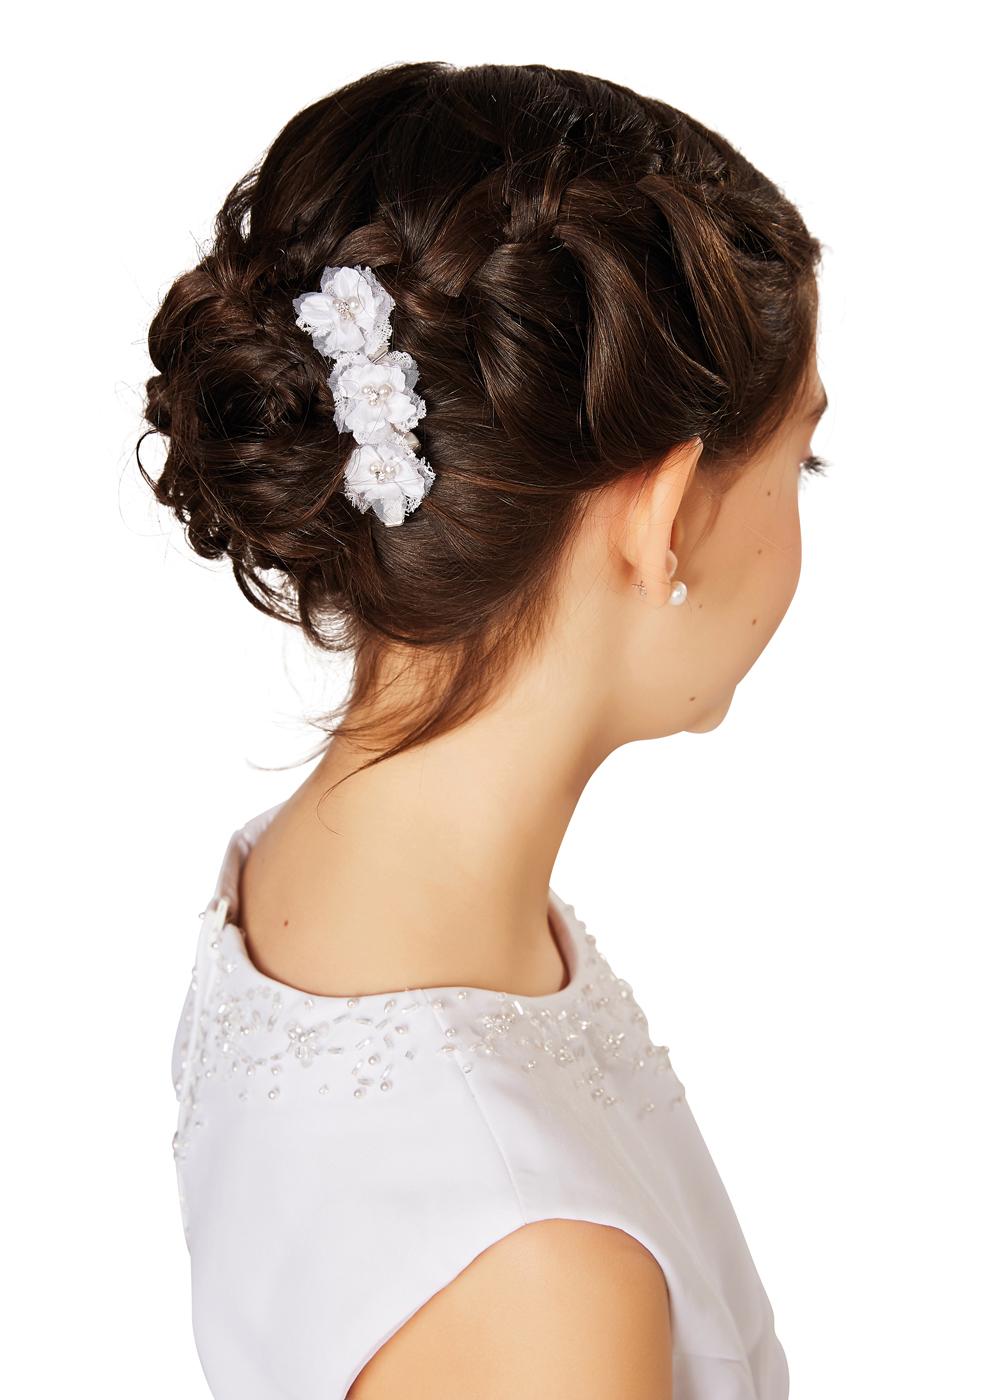 Kommunion Accessoires für Mädchen. Haarschmuck Modell 252906.